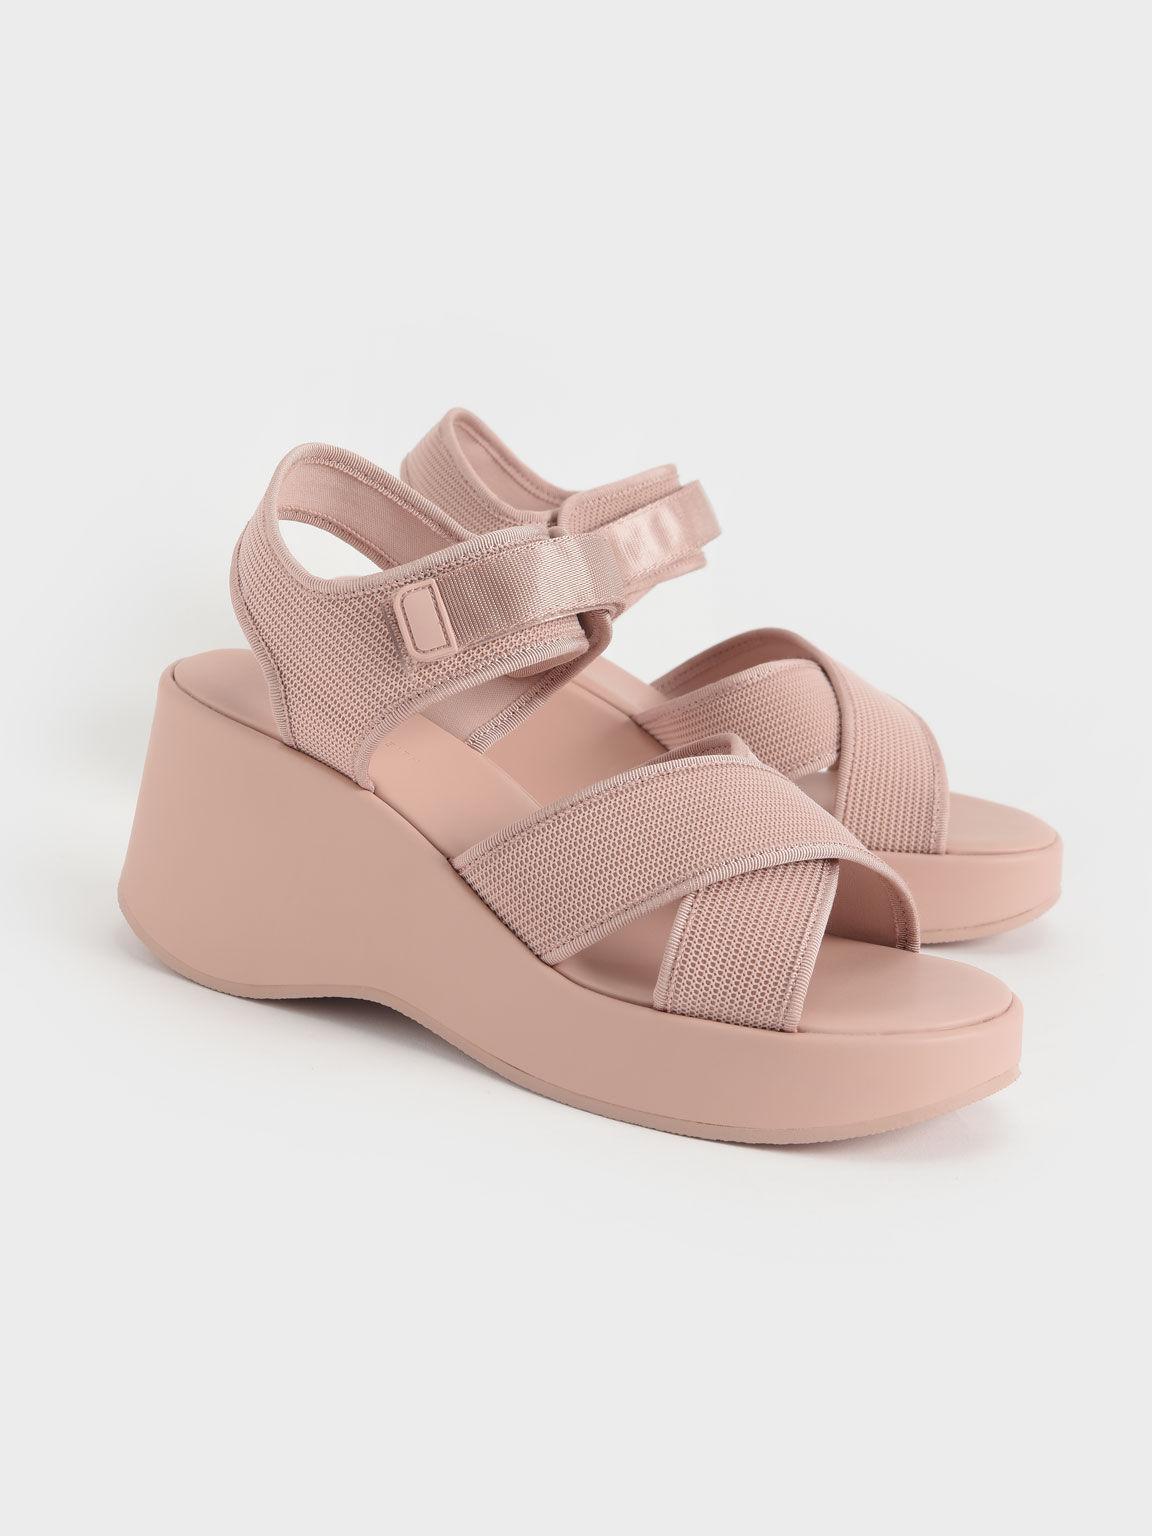 交叉帶楔型涼鞋, 米黃色, hi-res